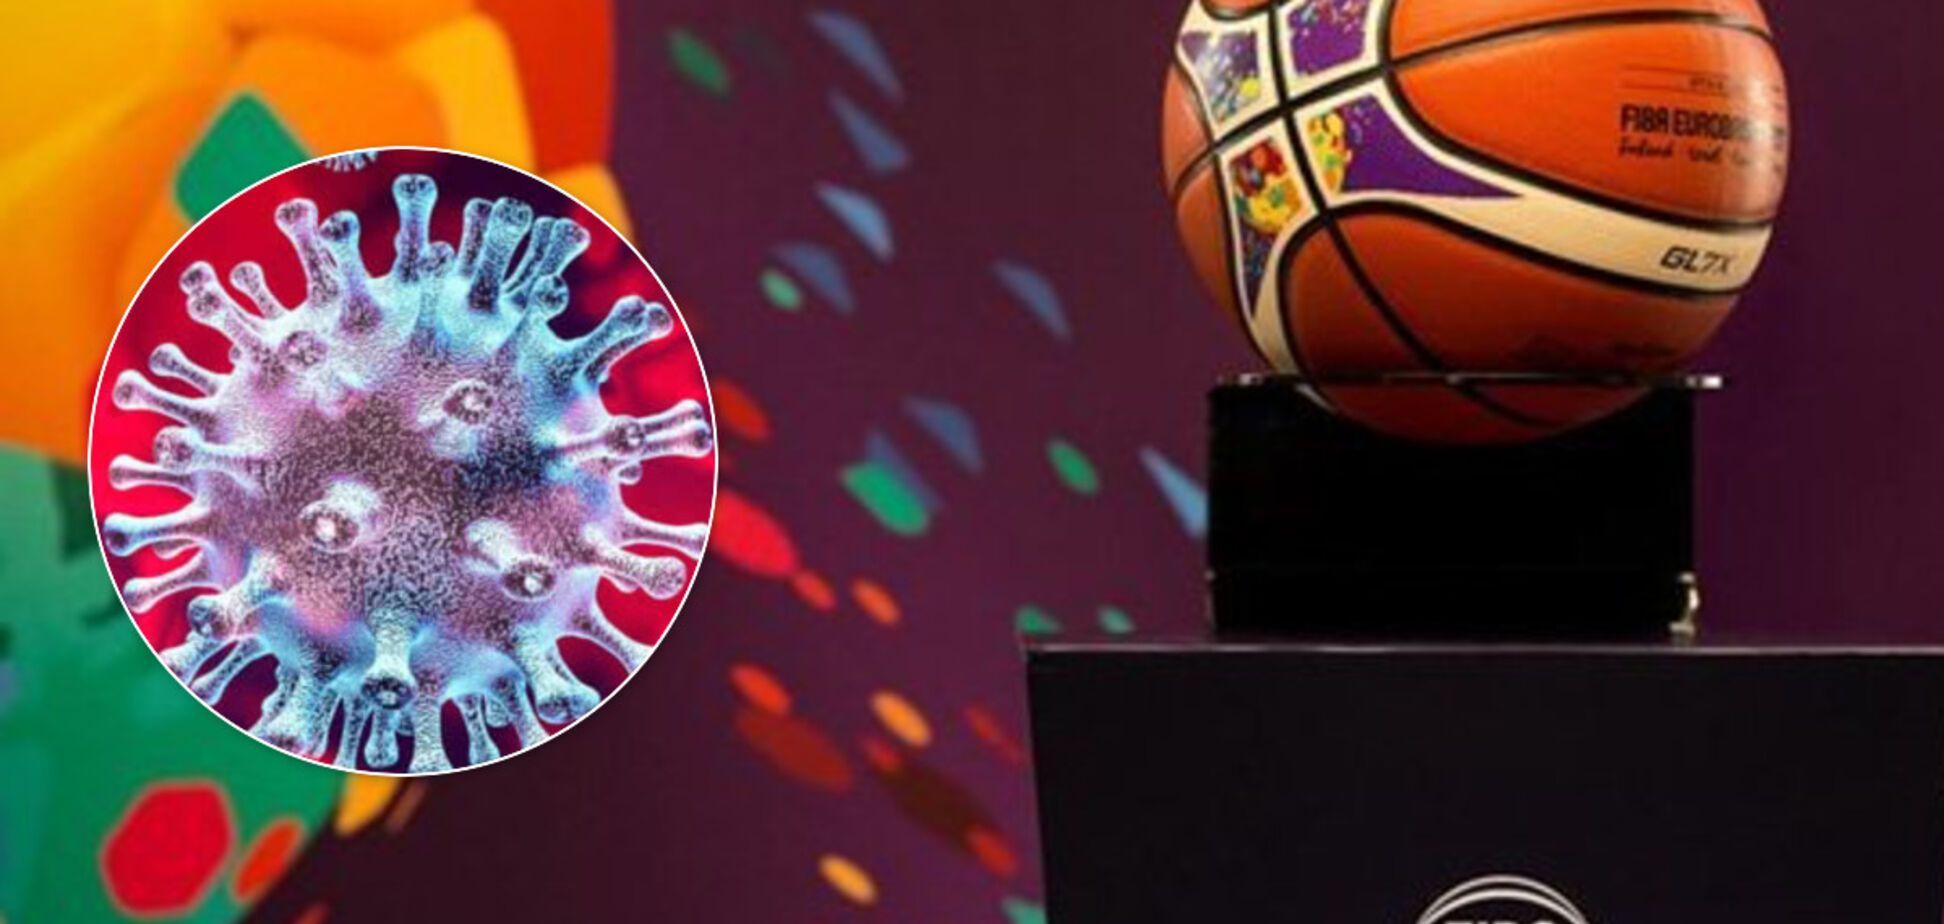 Чемпионат Европы по баскетболу официально отменен из-за коронавируса